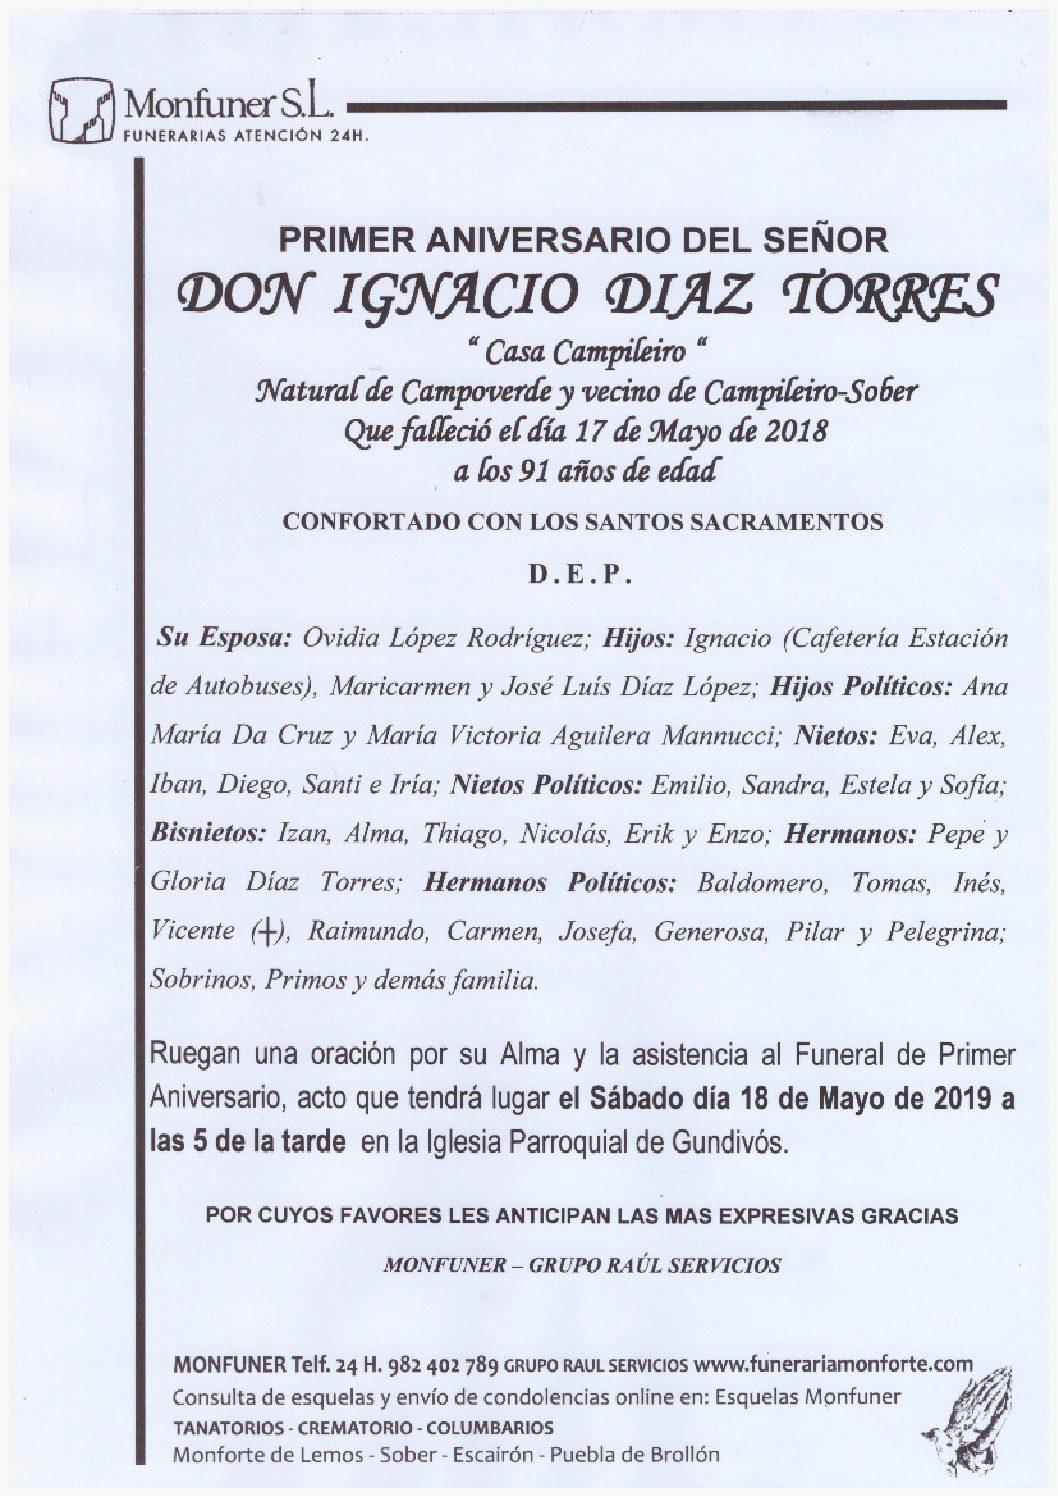 PRIMER ANIVERSARIO DE DON IGNACIO DIAZ TORRES